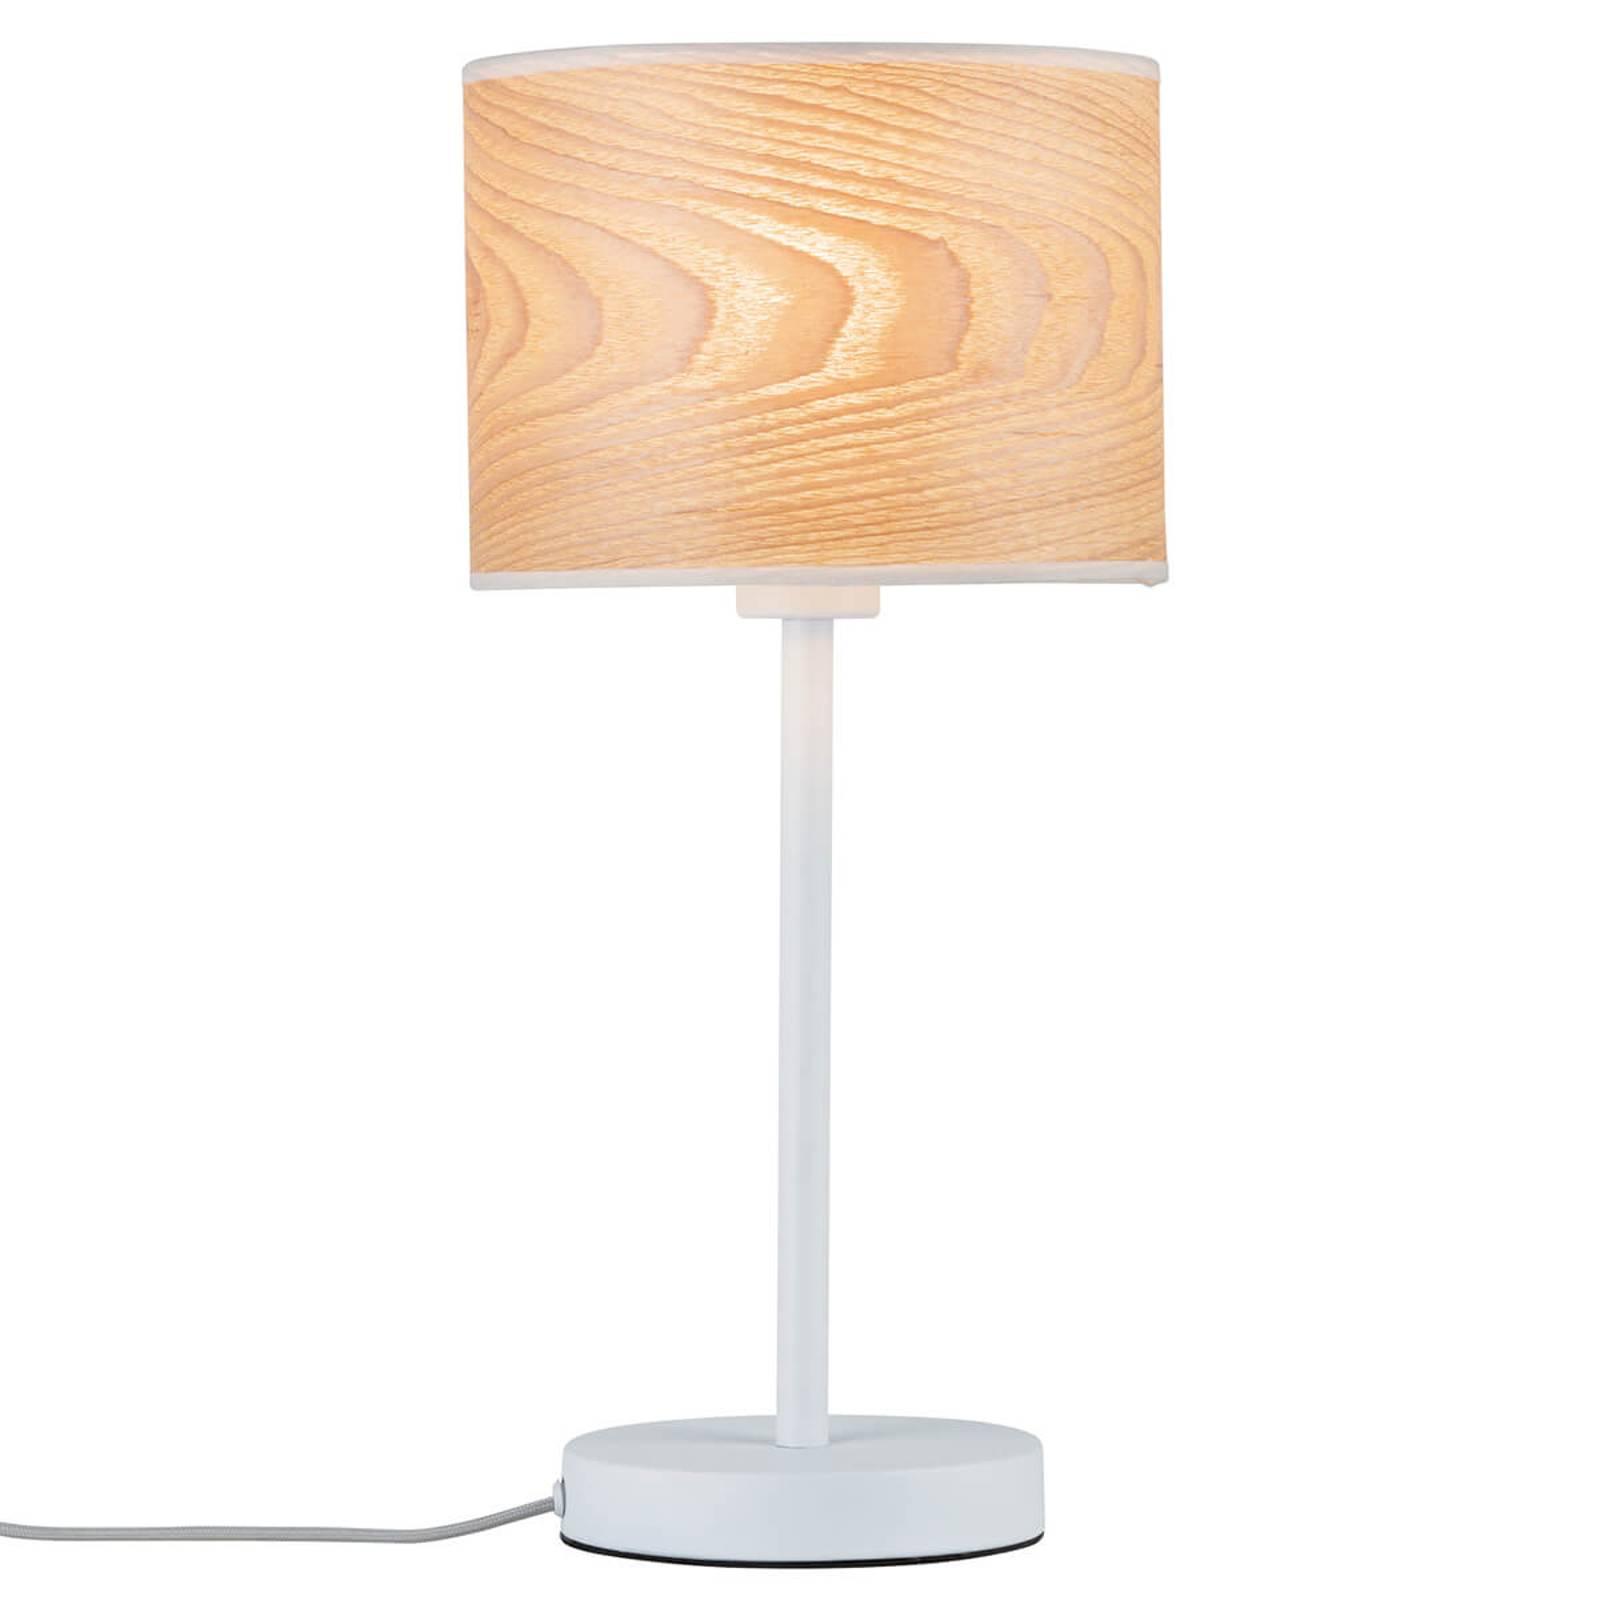 Een echt natuurproduct - houten tafellamp Neta